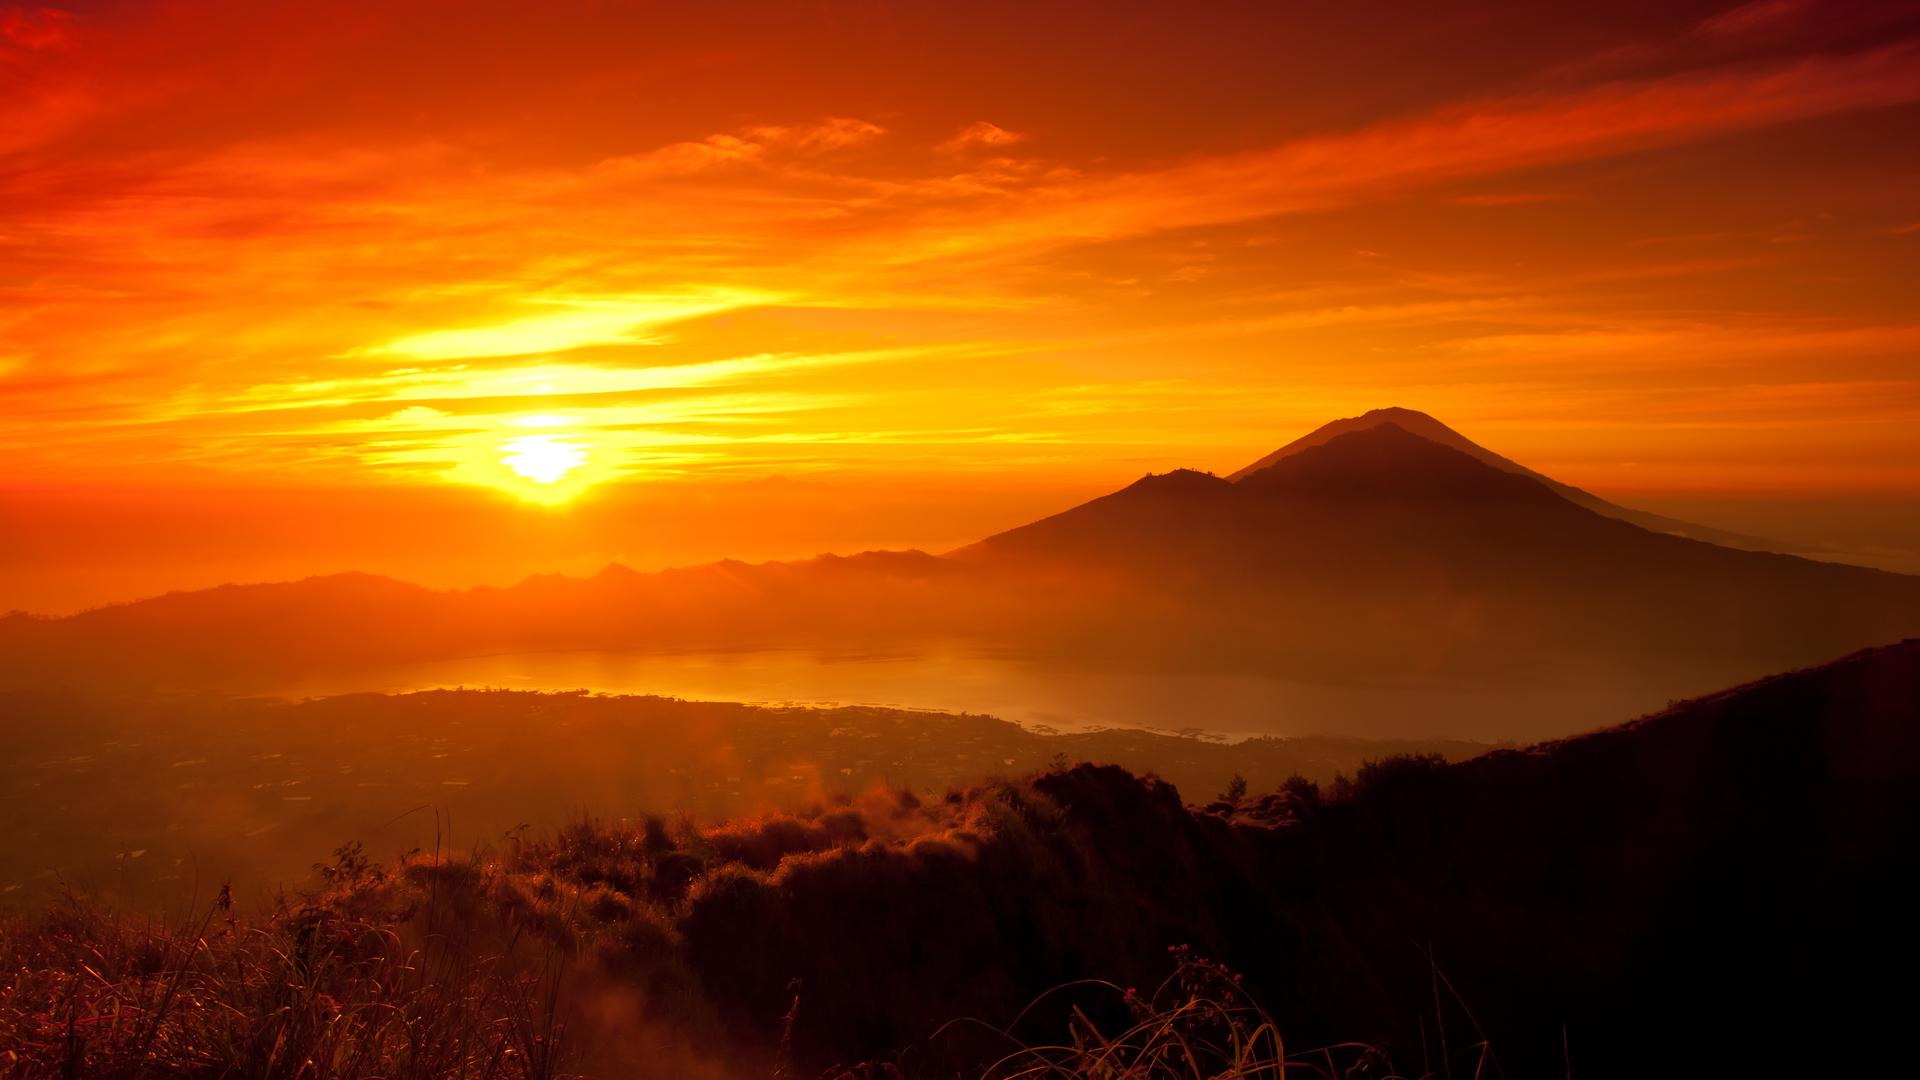 Orange Sunset Wallpaper HD-5